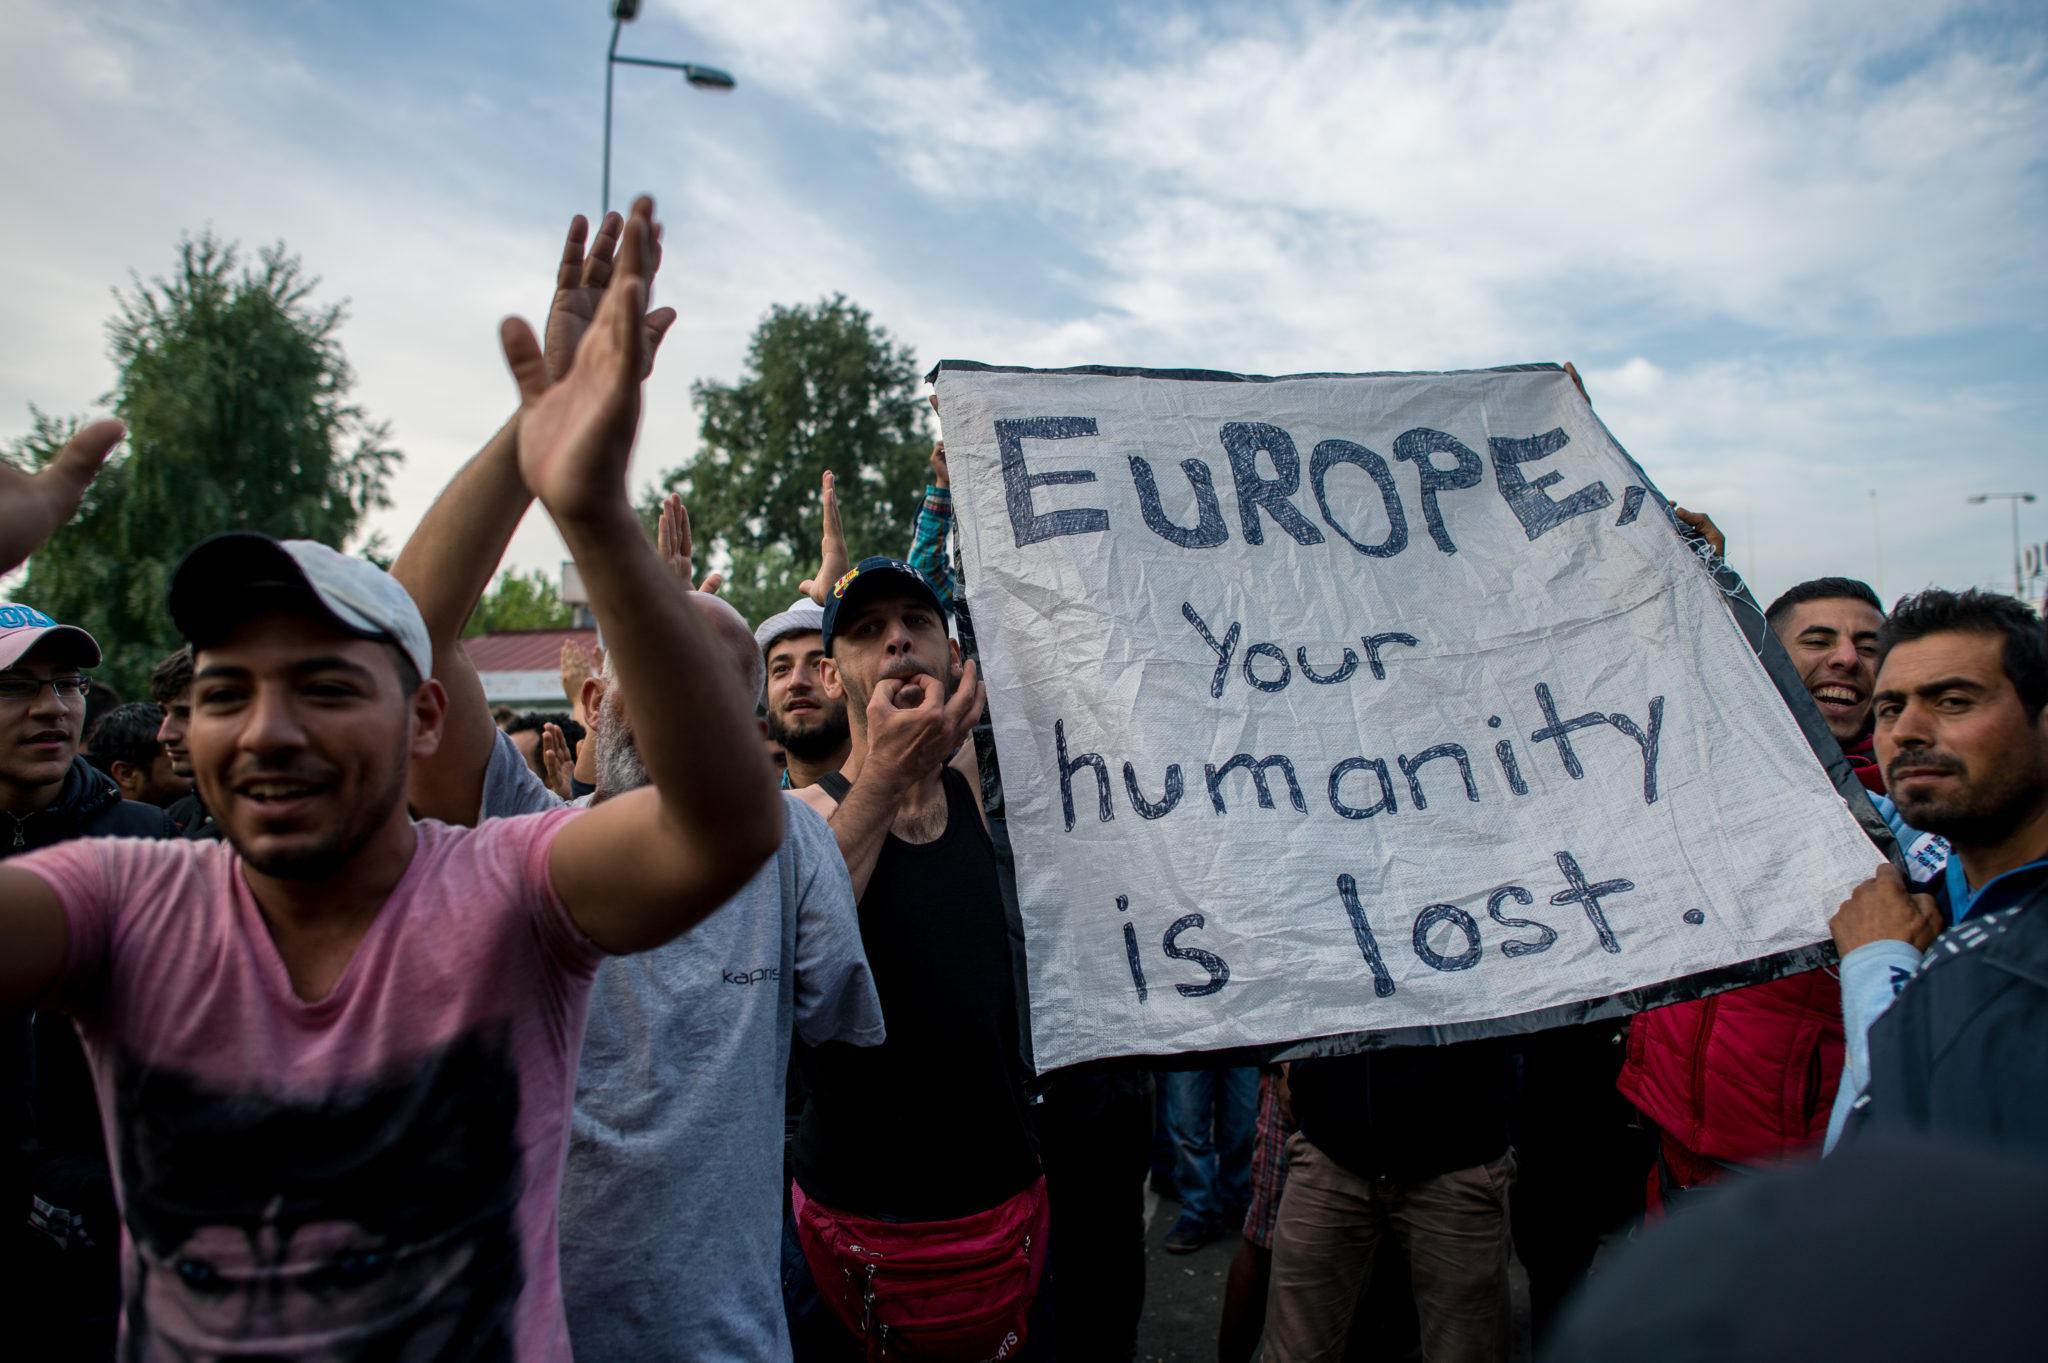 Migránsok egy transzparenst tartanak a röszkei határátkelőhelynél Horgos Közelében 2015. szeptember 15-én.